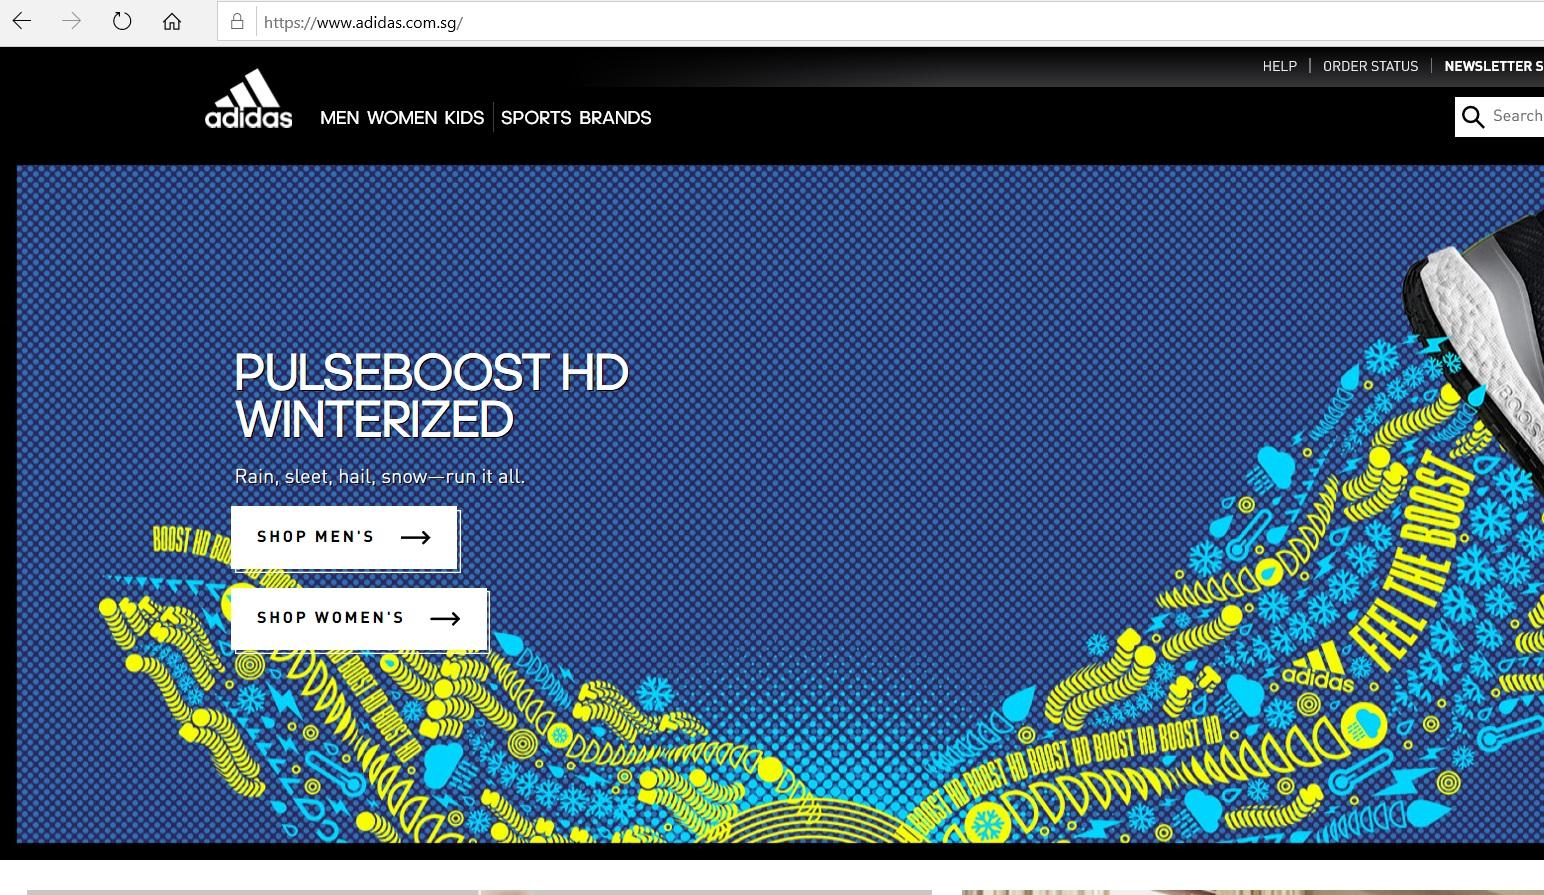 Adidas website homepage.